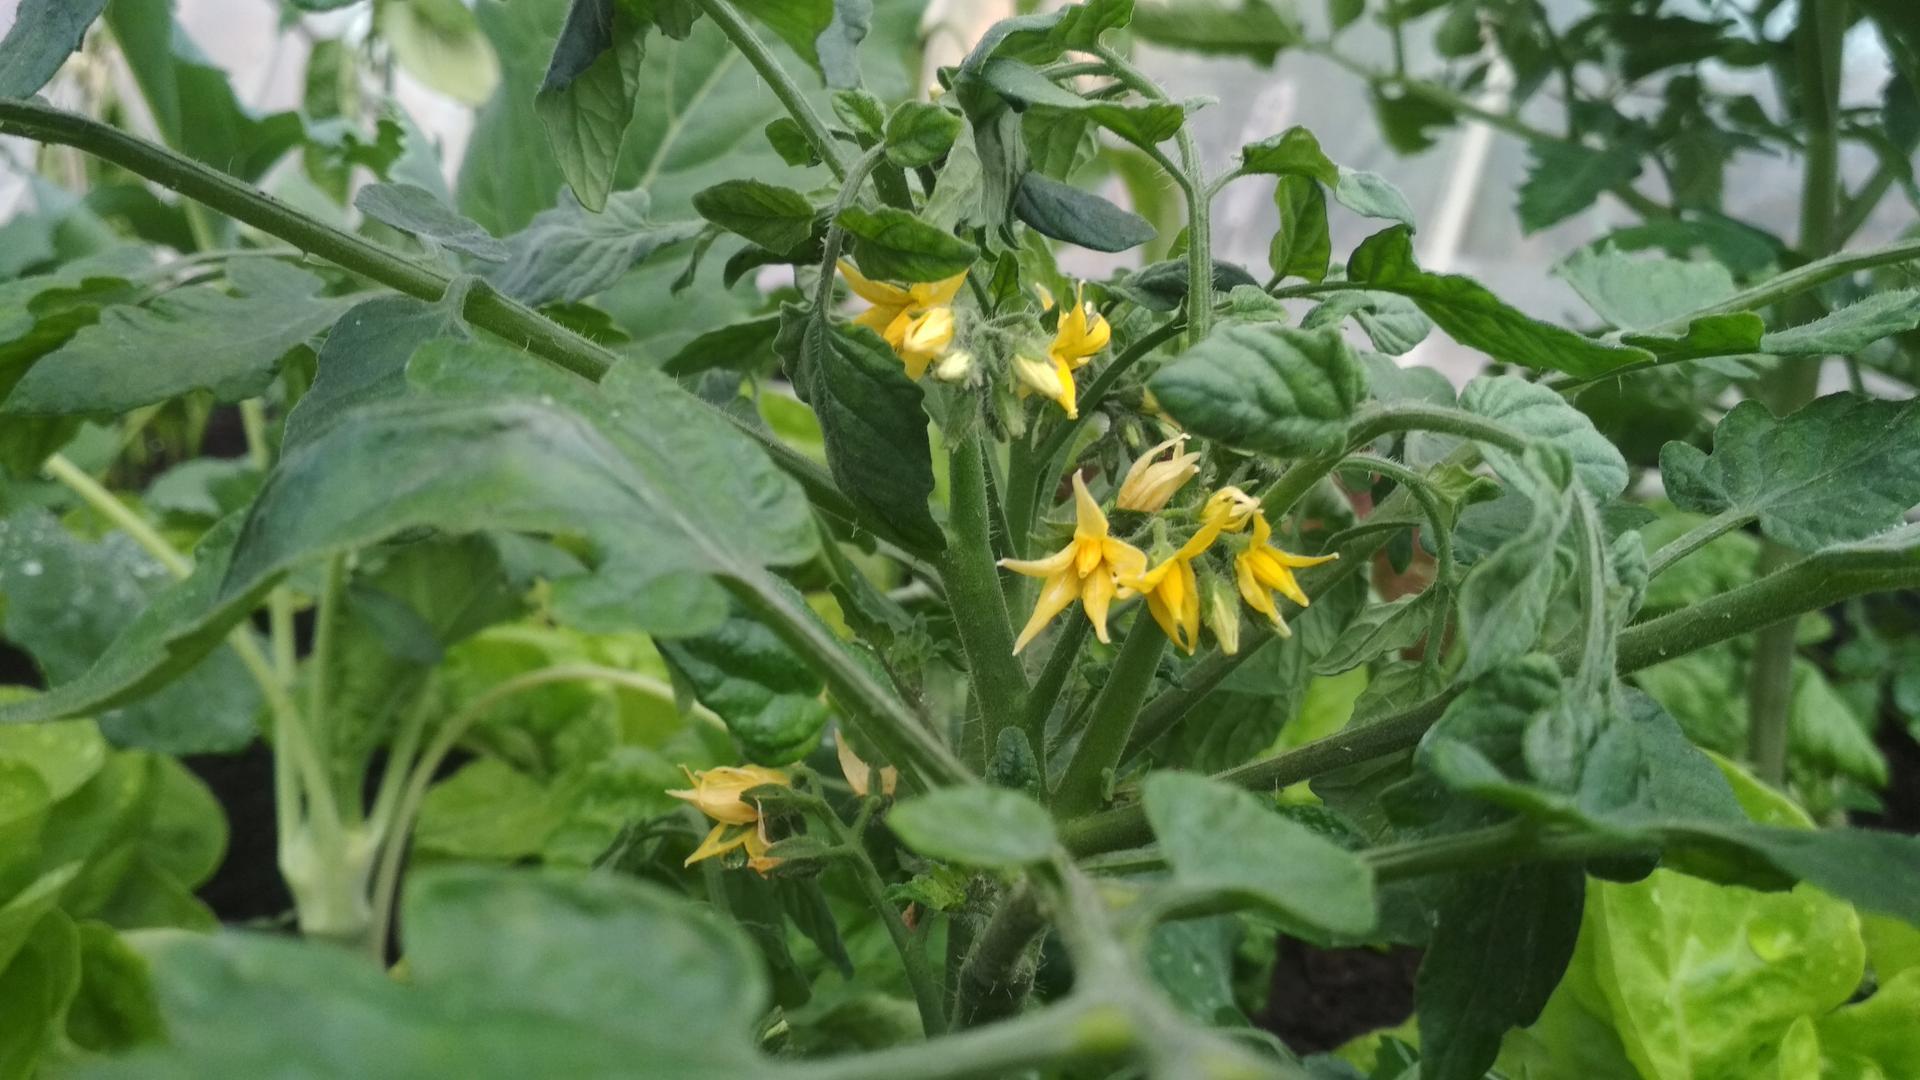 Vyvýšené záhony a úžitková záhrada - sezóna 2021 ... príprava, sadenie, starostlivosť - Obrázok č. 42